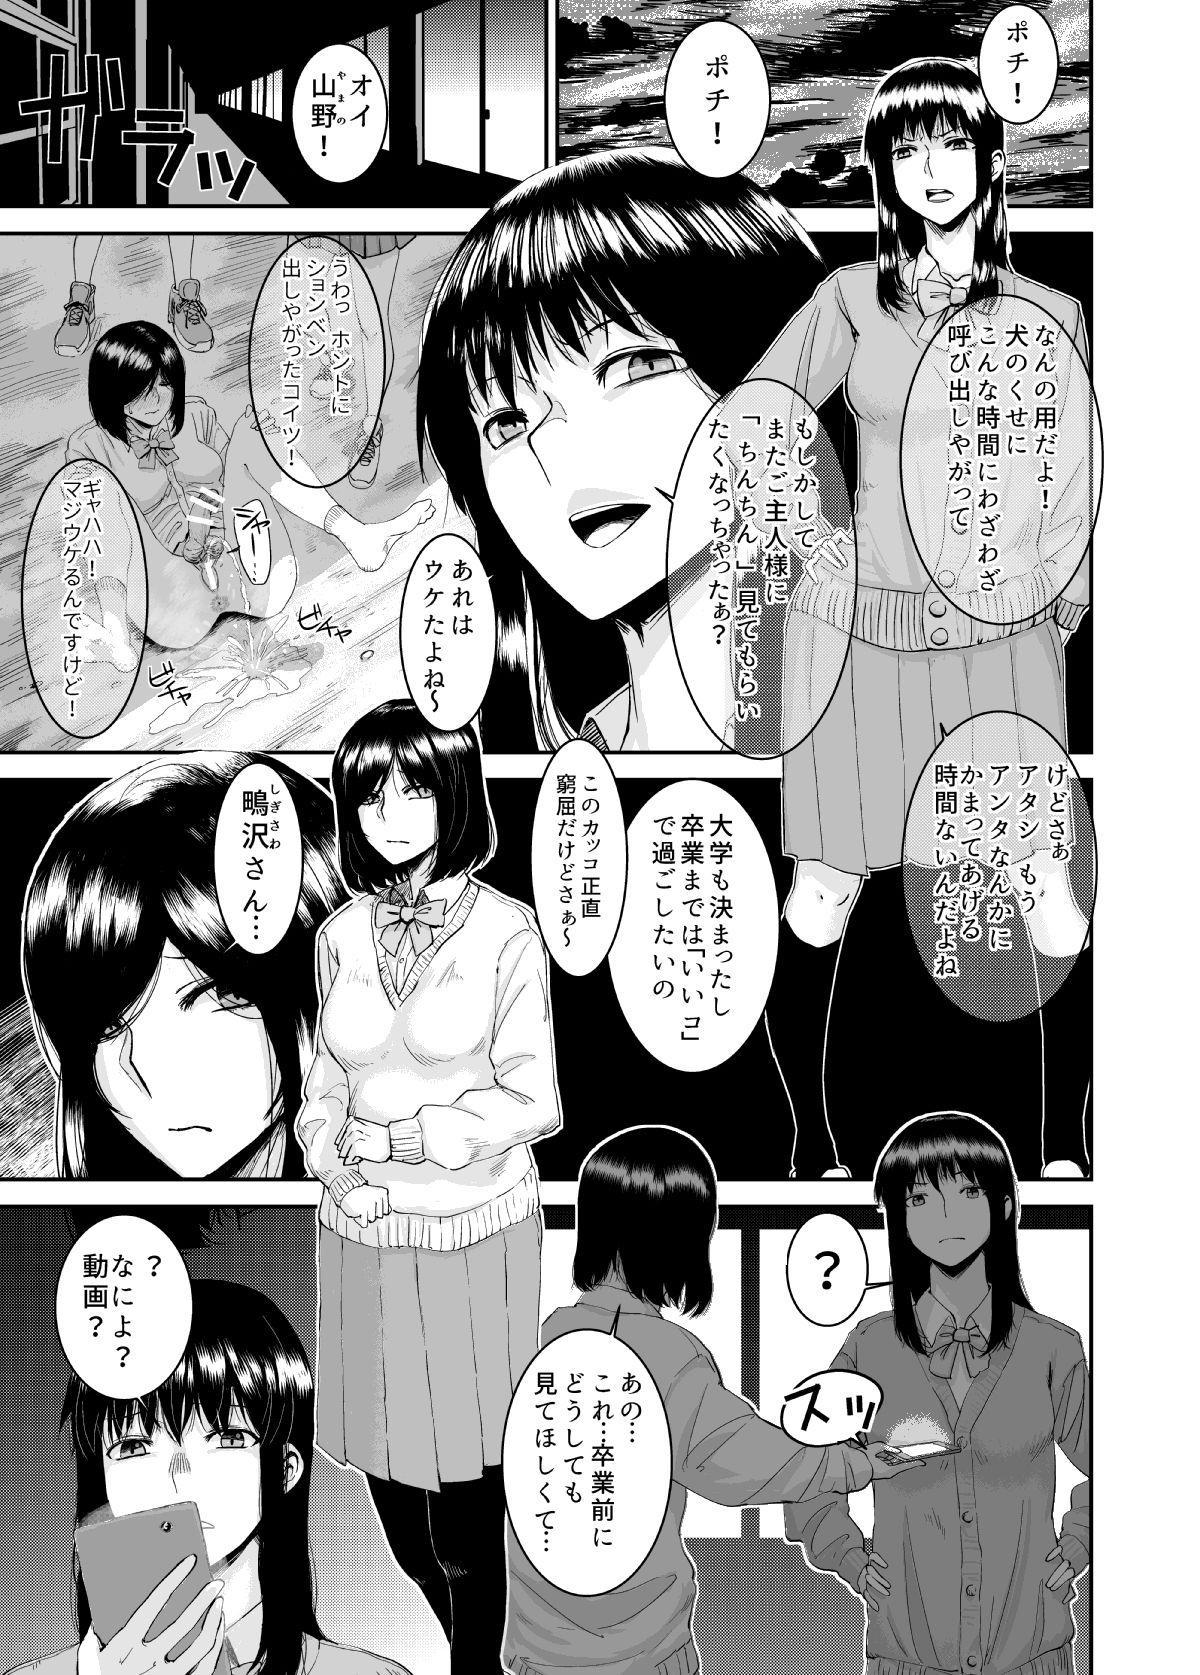 Tadashii Inu no Shitsuke ke Kata 4